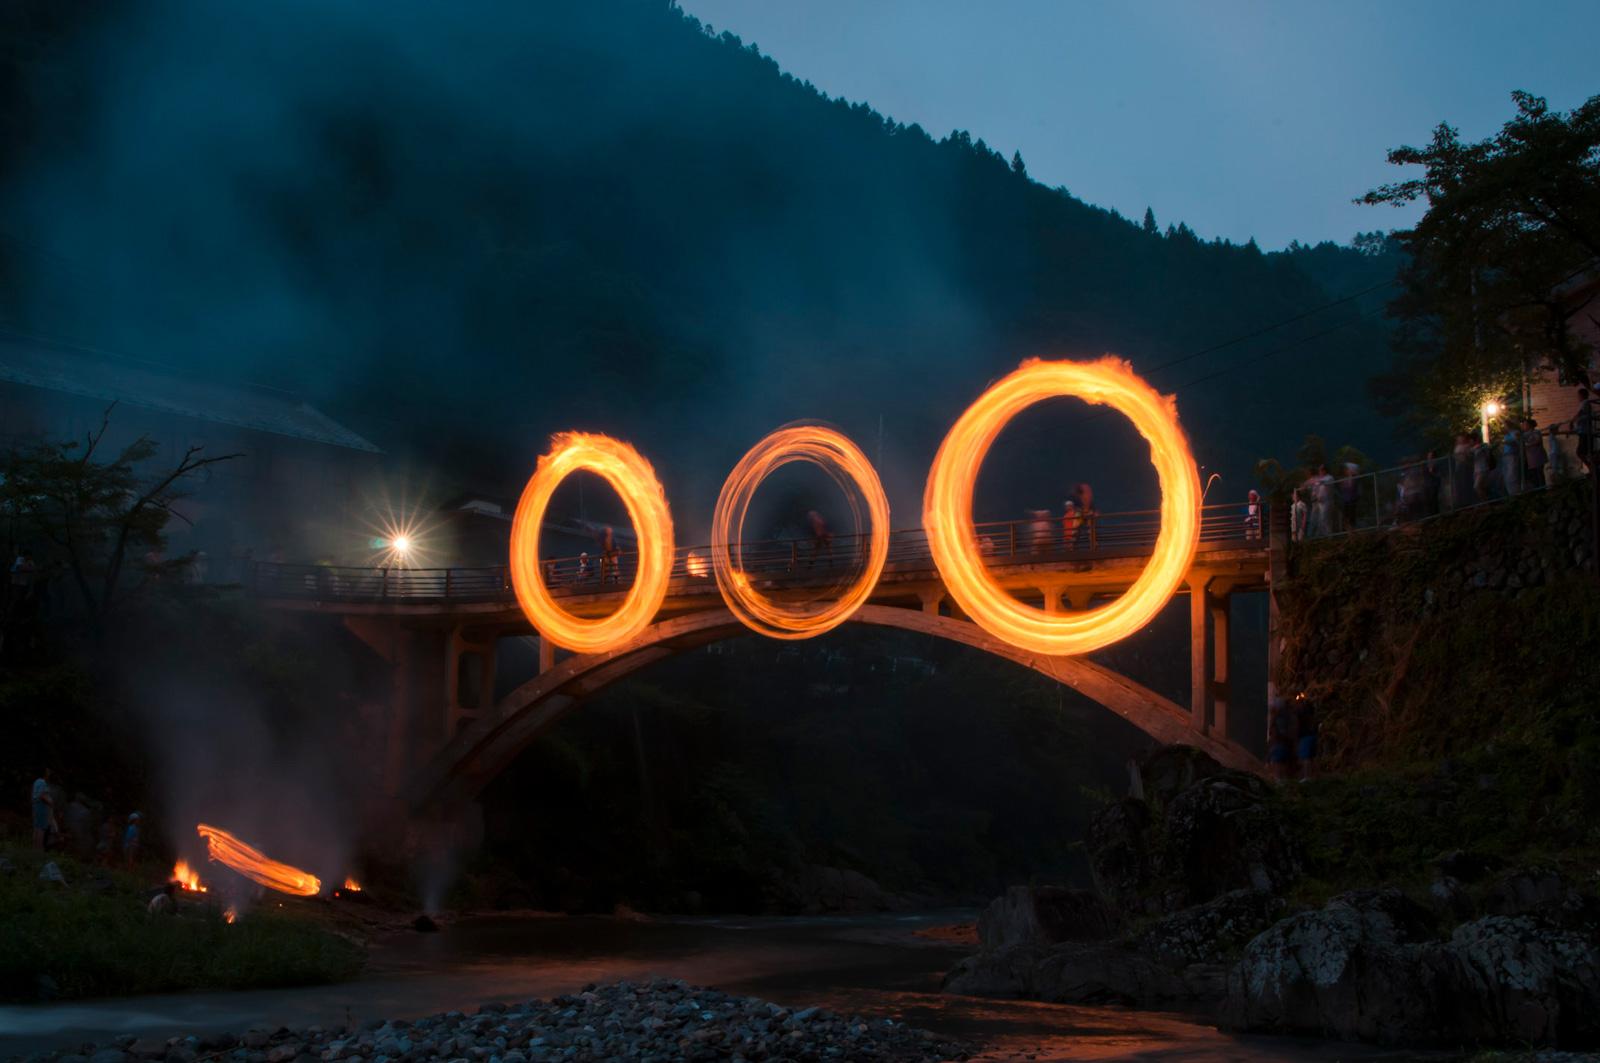 山間の火祭り群馬県南牧村、大日向の火とぼしを見に行った6年前